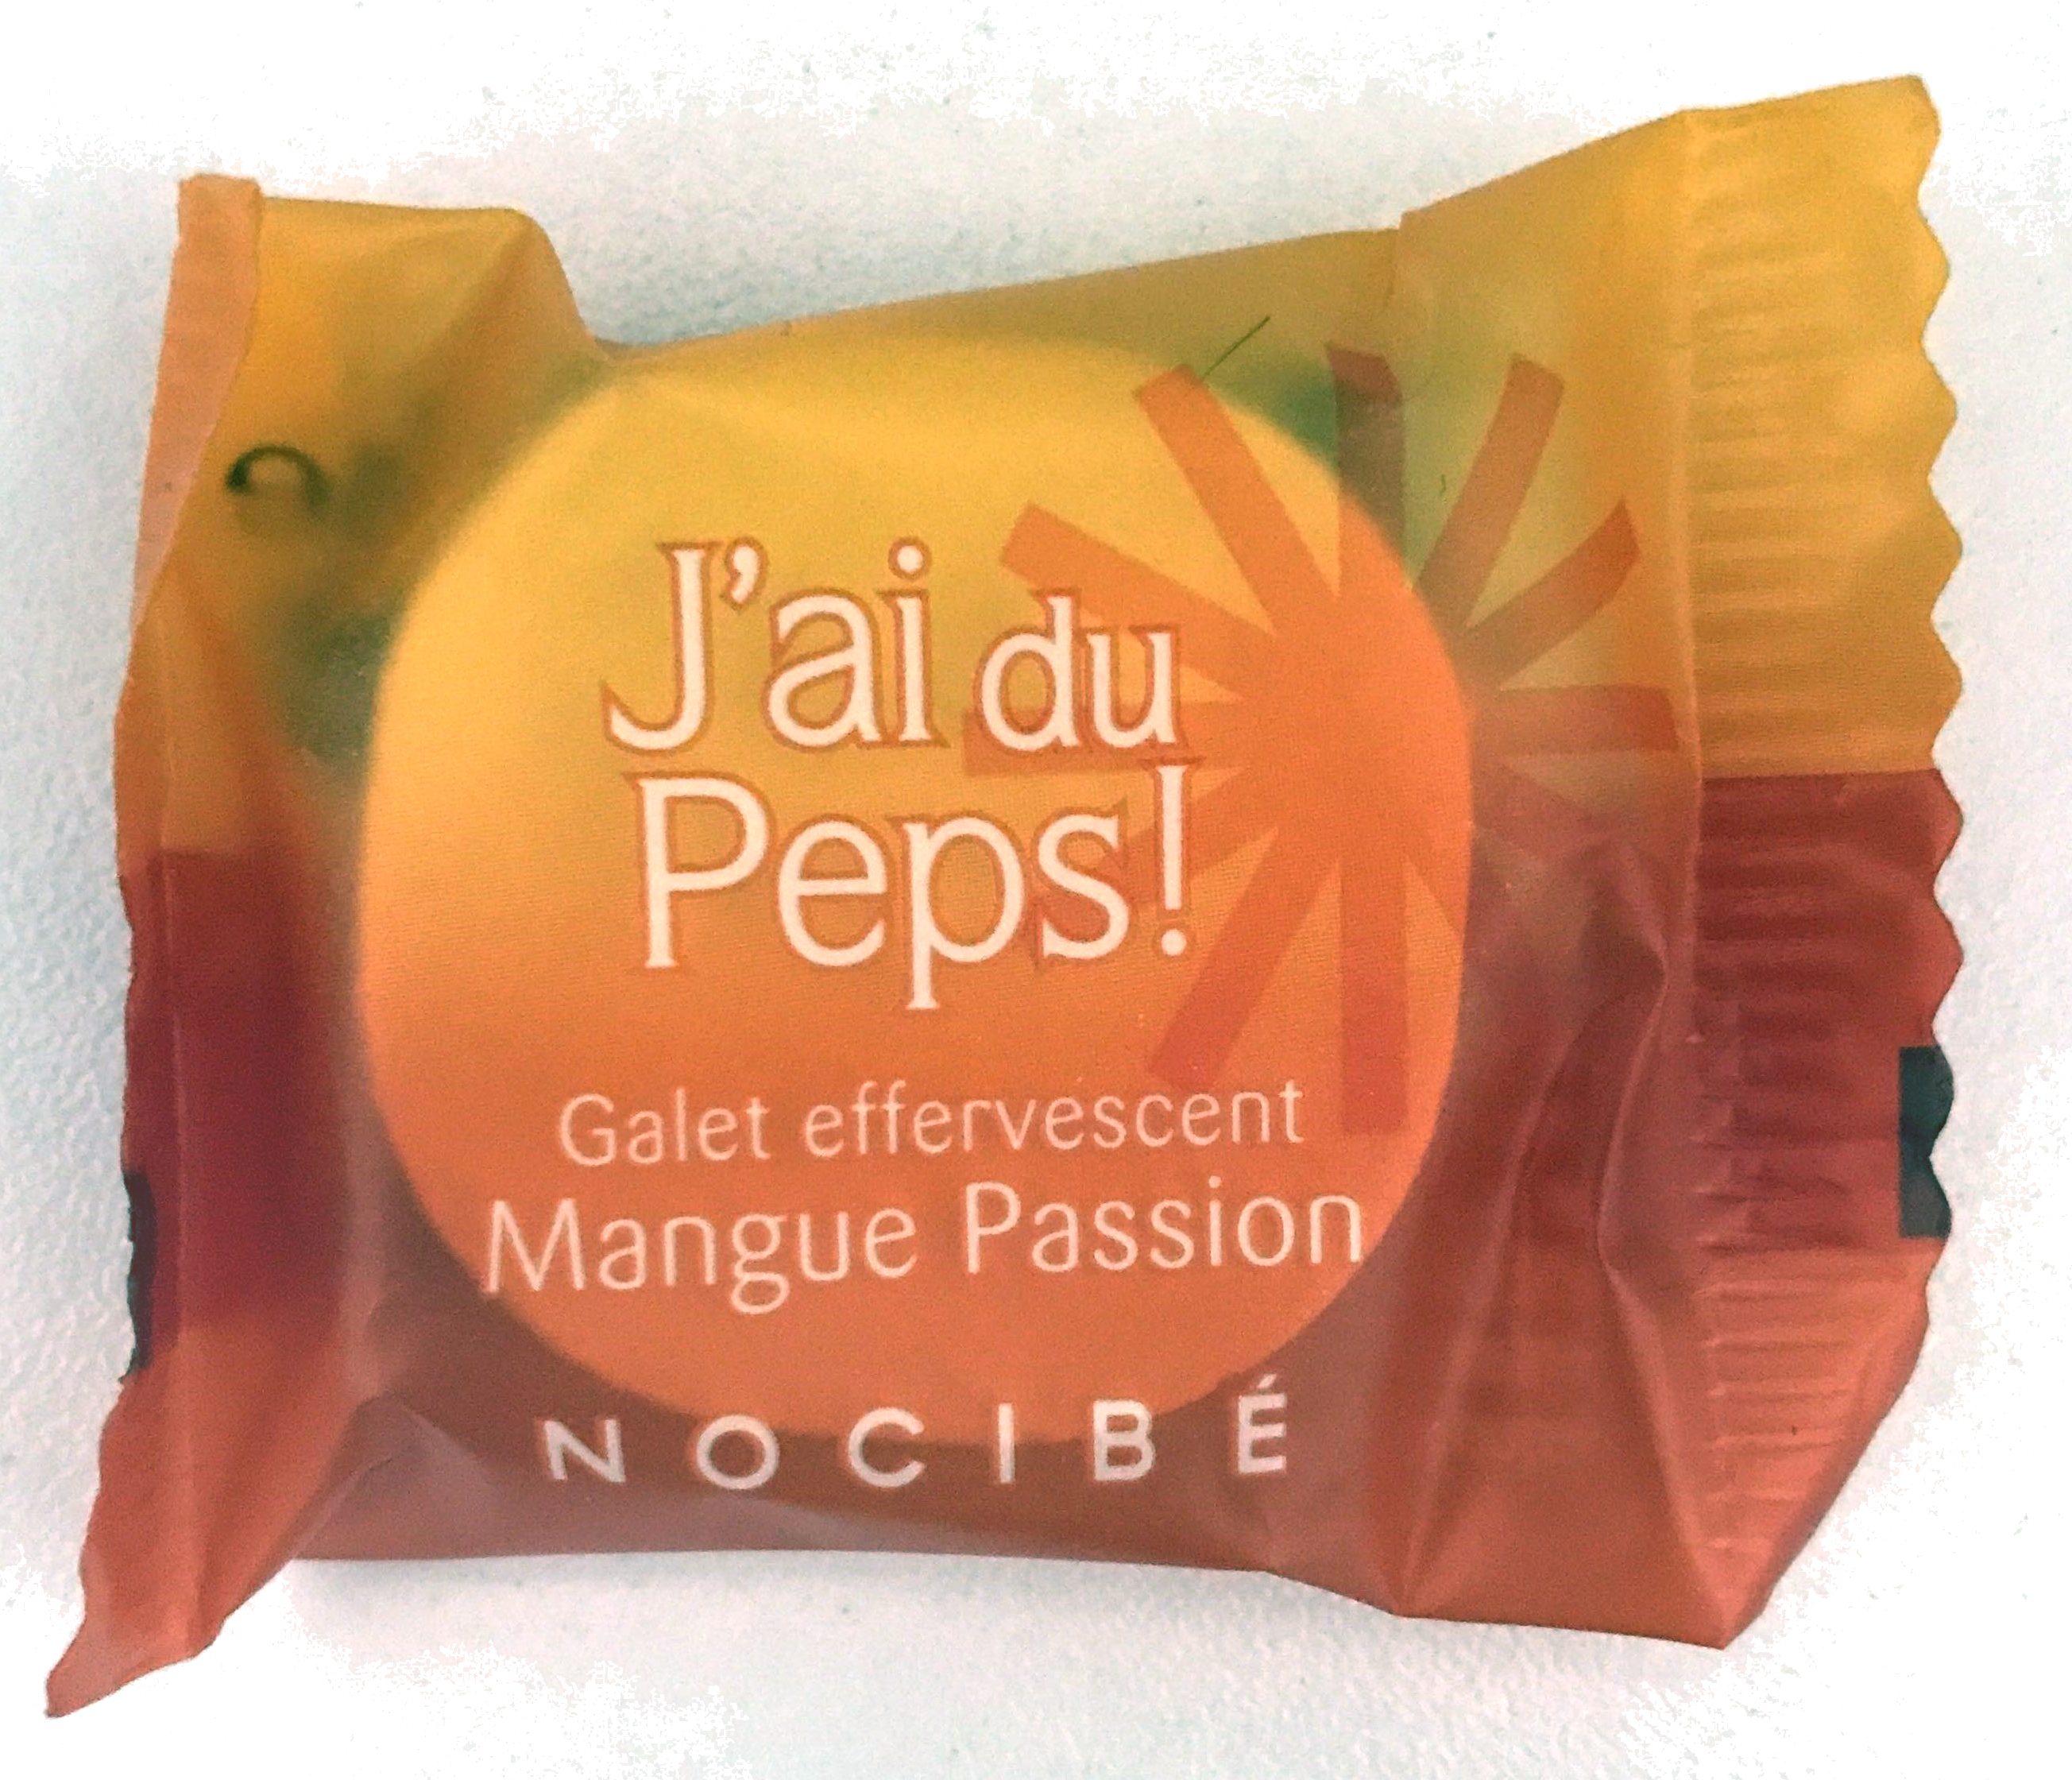 J'ai du Peps ! Galet effervescent Mangue Passion - Product